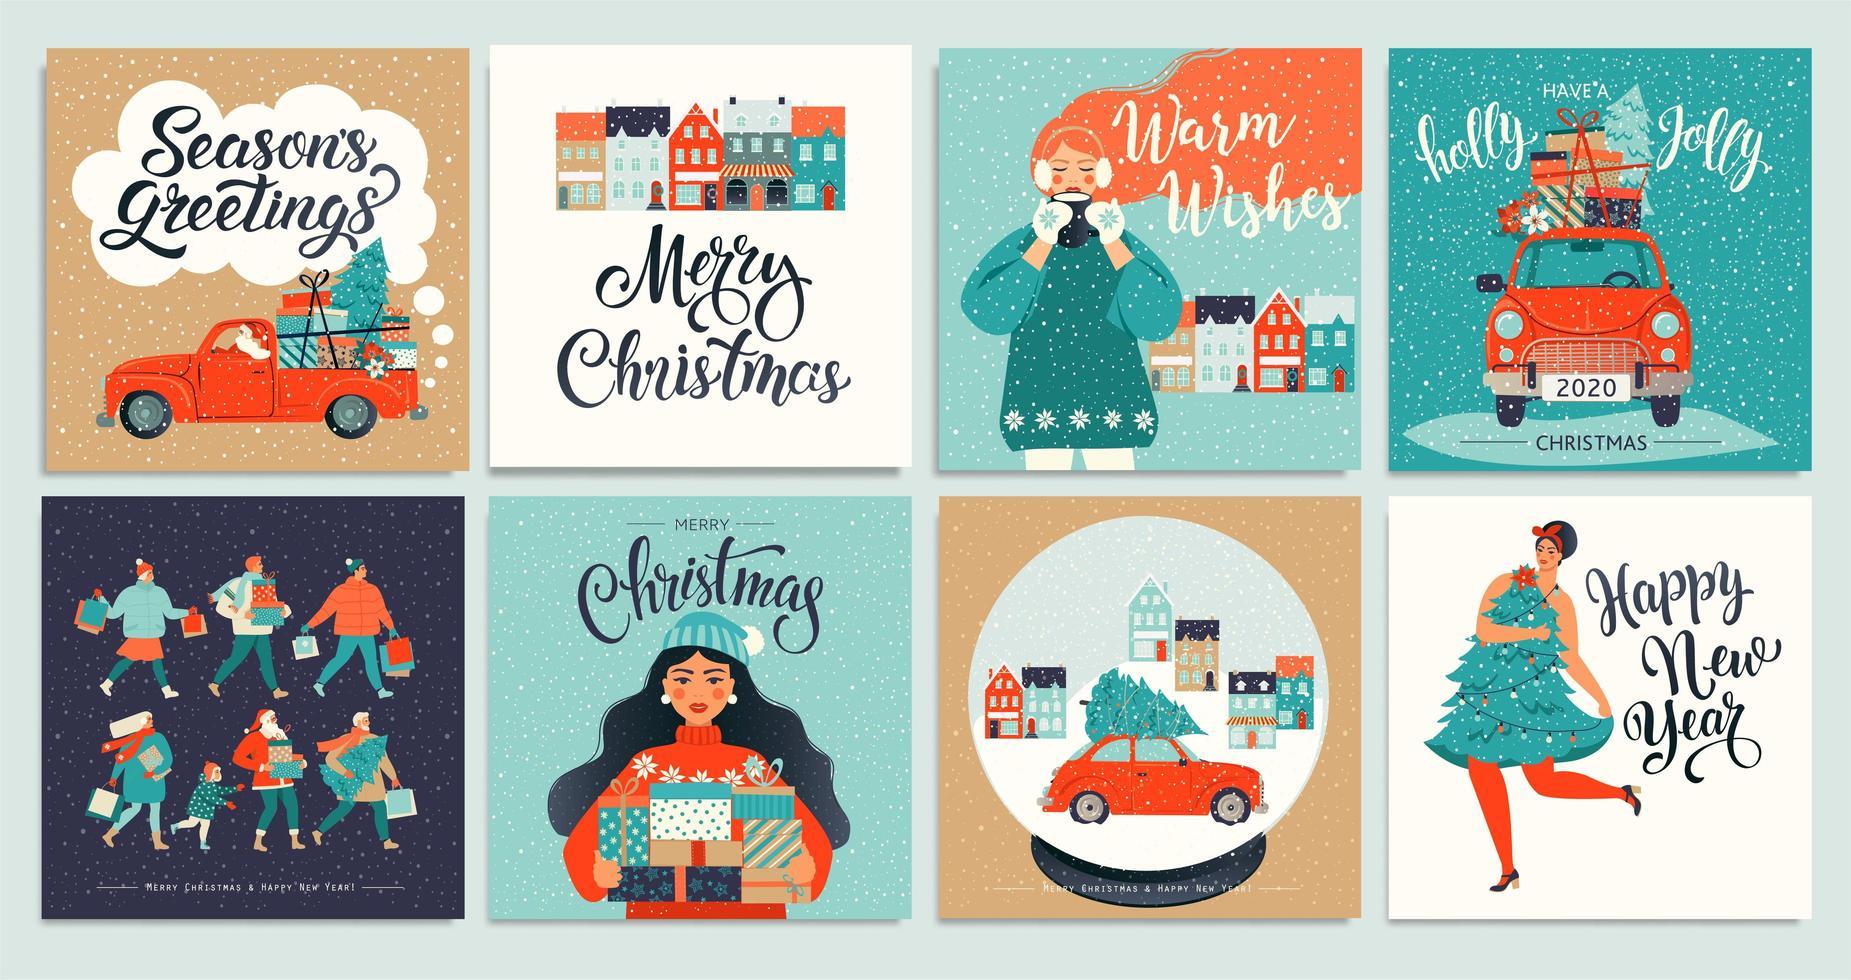 jul och nyårsmall för hälsning scrapbooking, gratulationer, inbjudningar, taggar, klistermärken, vykort. jul affischer set. vektor illustration.